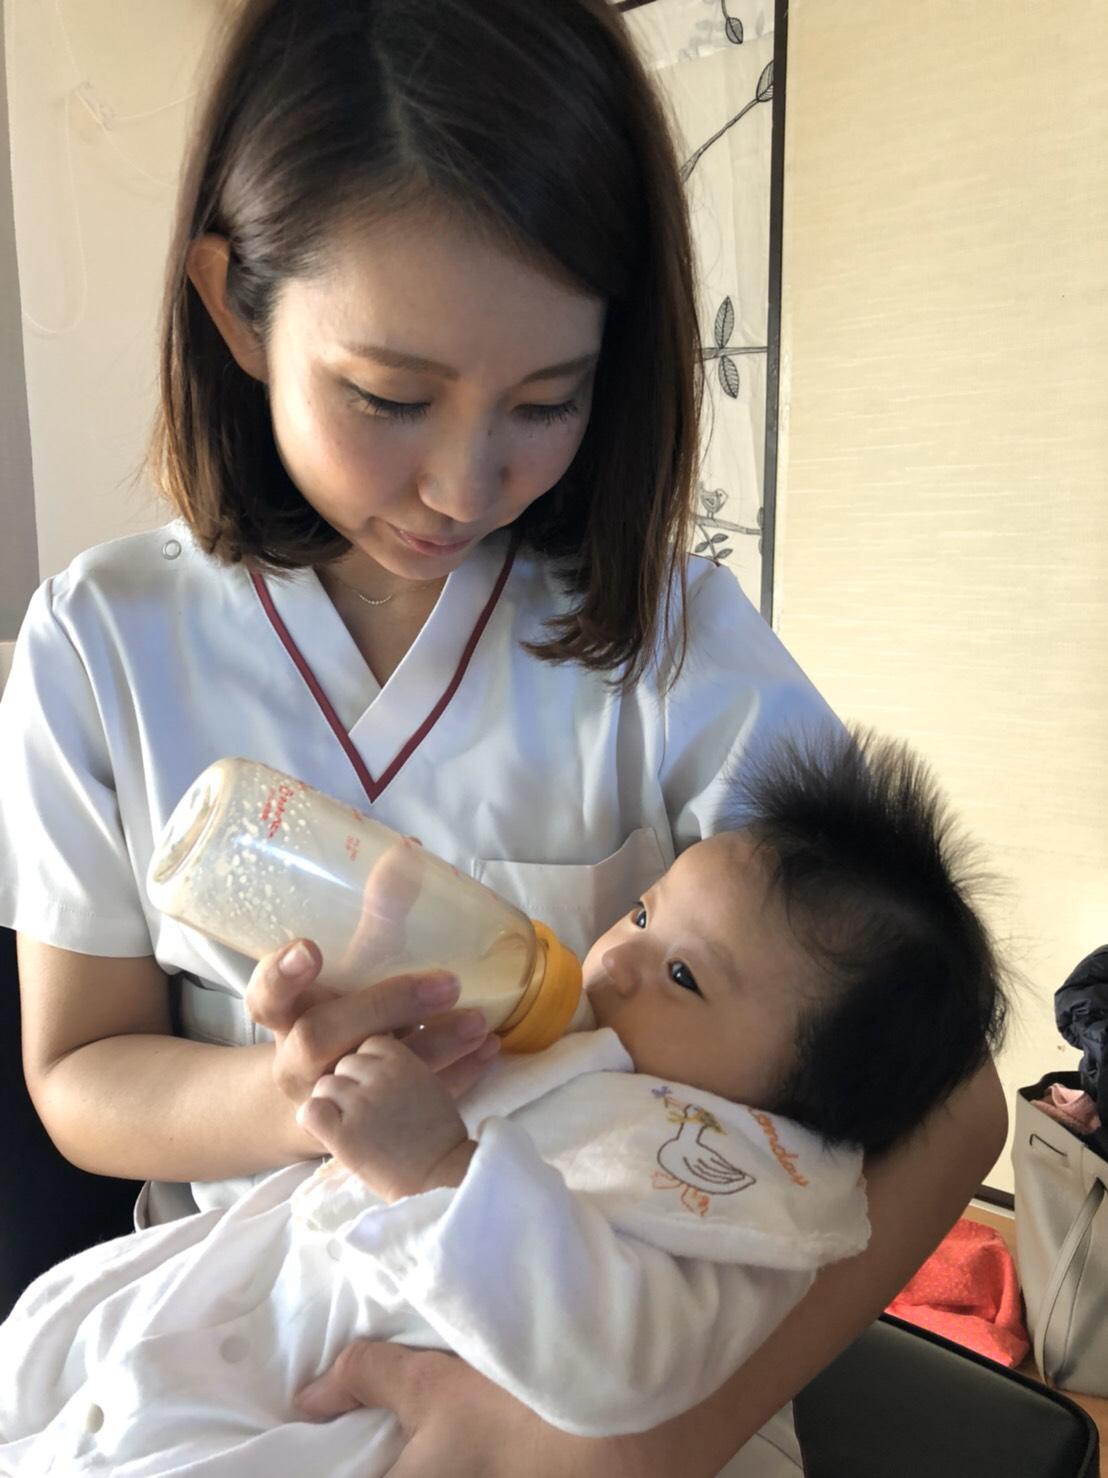 株式会社 白衣のシッター 代表取締役 横山 佳野